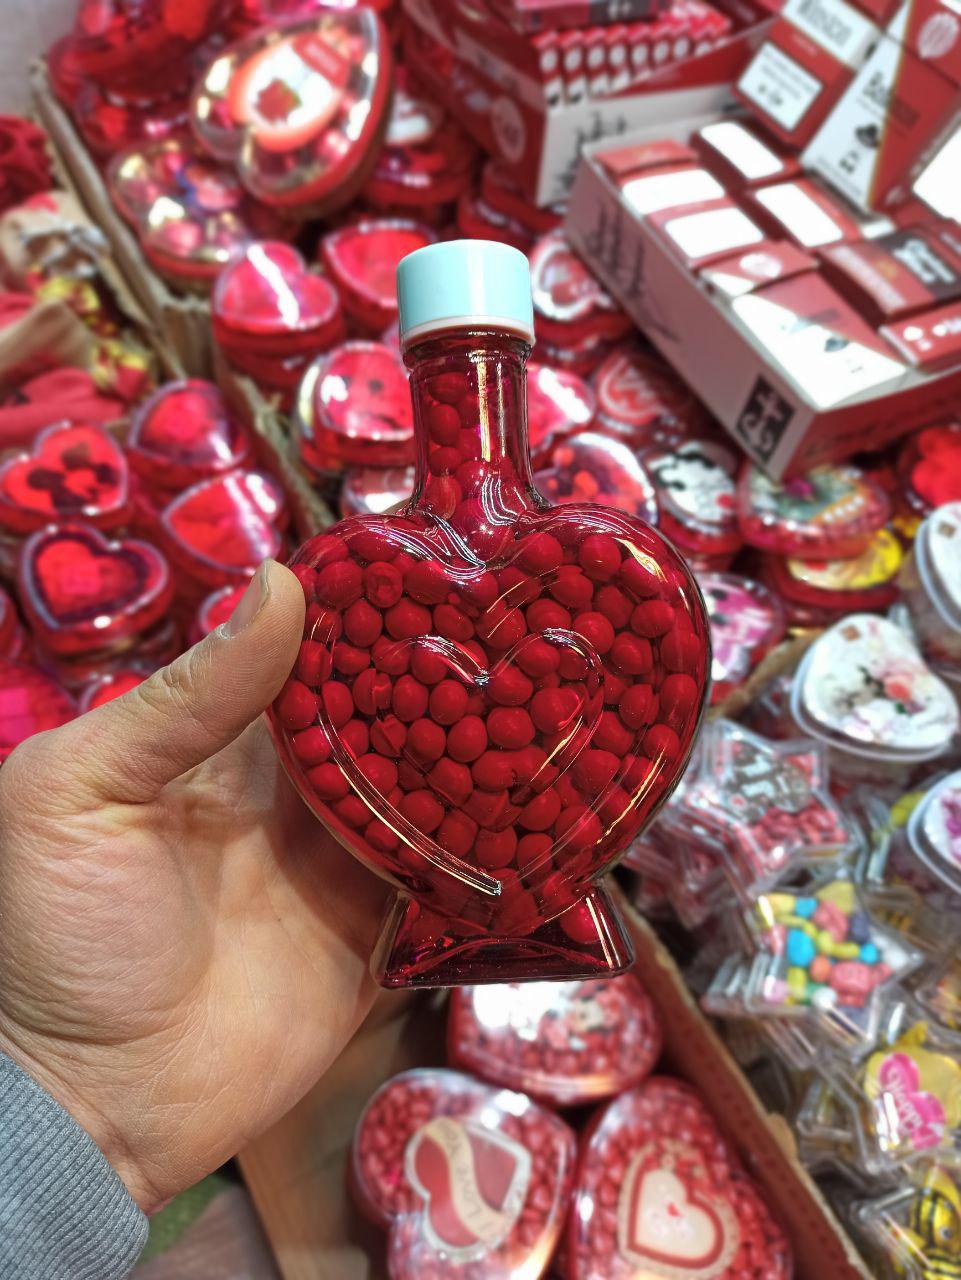 فروش عمده لوازم ولنتاین شکلات ولنتاین طرح بطری قلبی